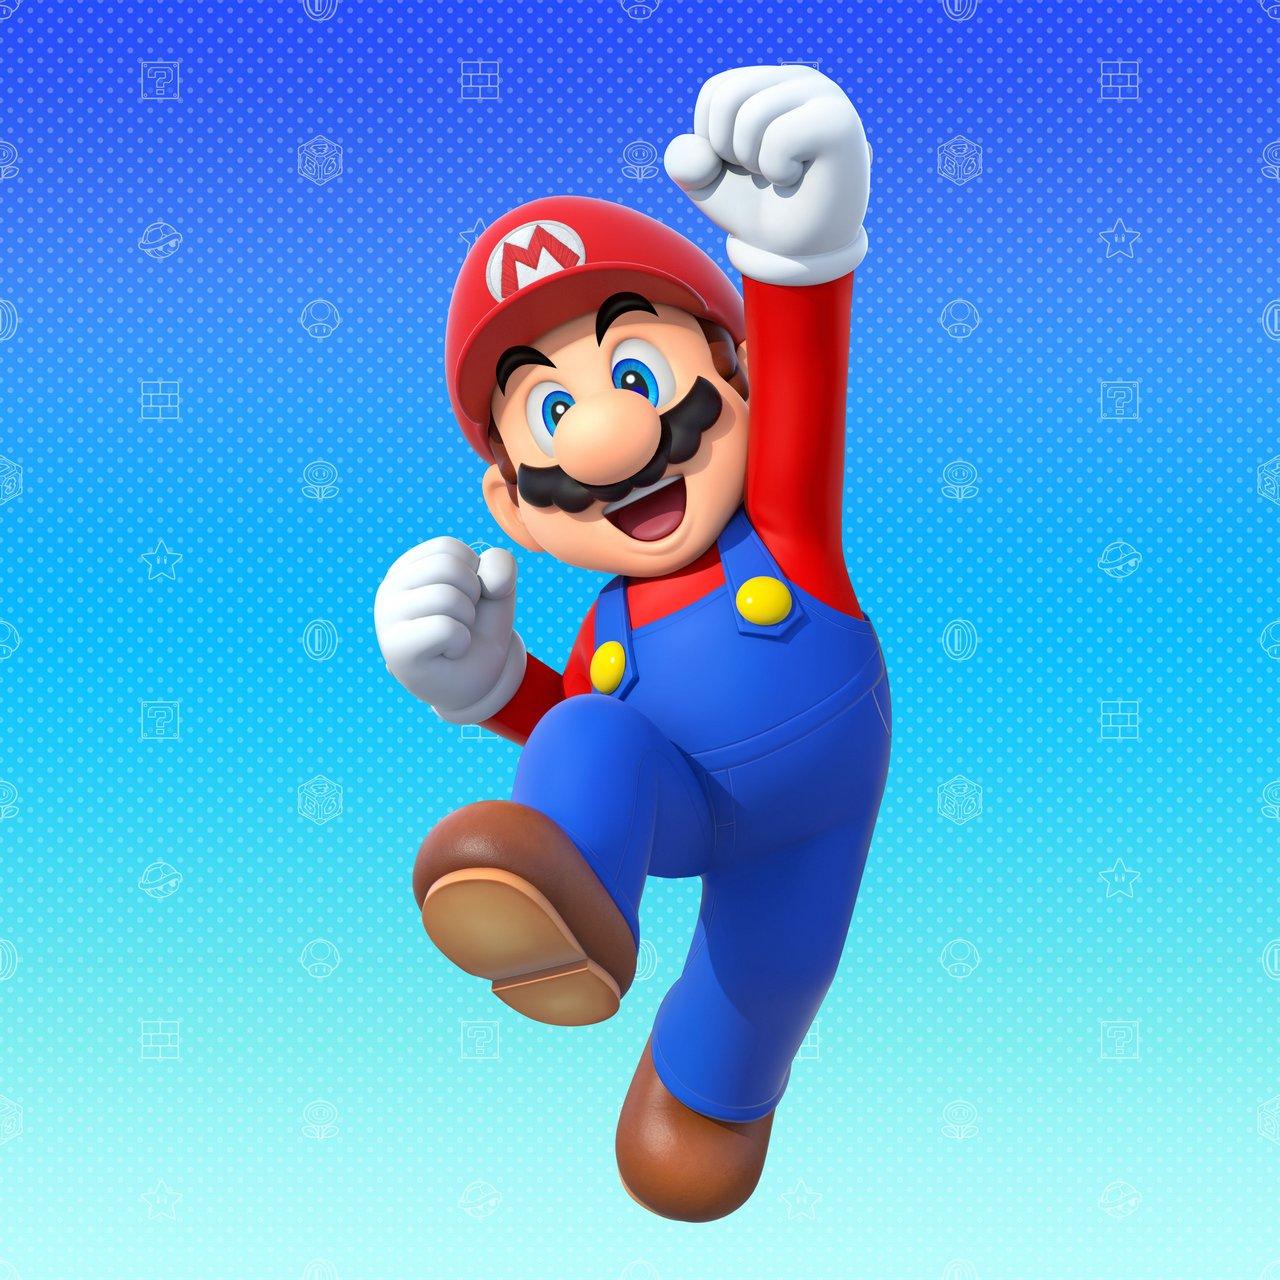 Mario Luigi Paper Jam Coming Spring 2016 For Nintendo 3ds My